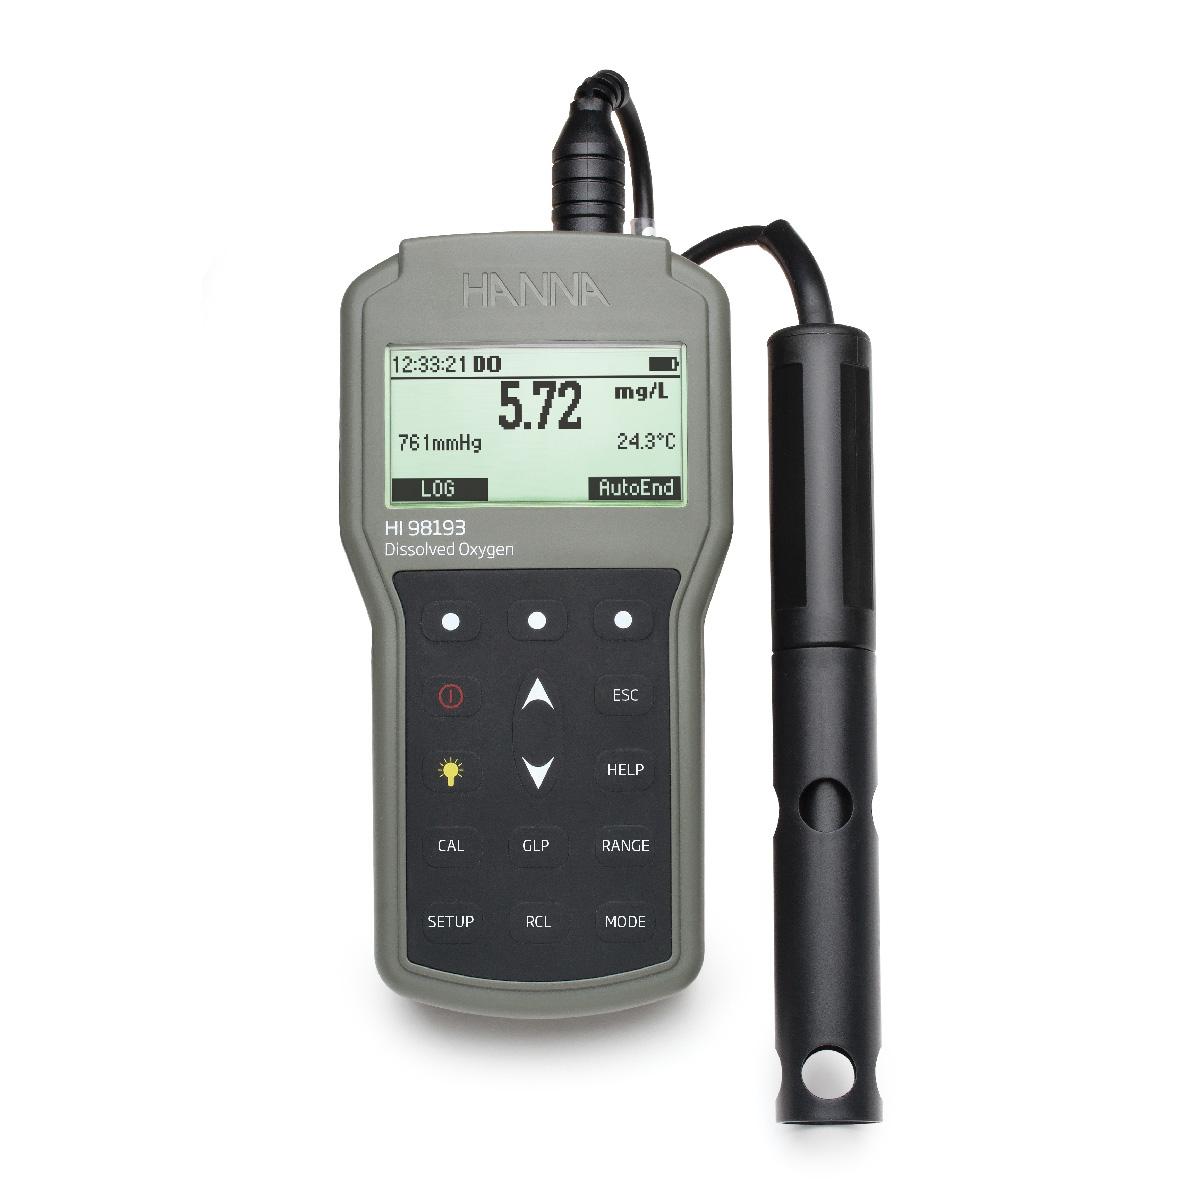 HI98193 - Misuratore portatile di ossigeno disciolto / BOD / OUR / SOUR a tenuta stagna